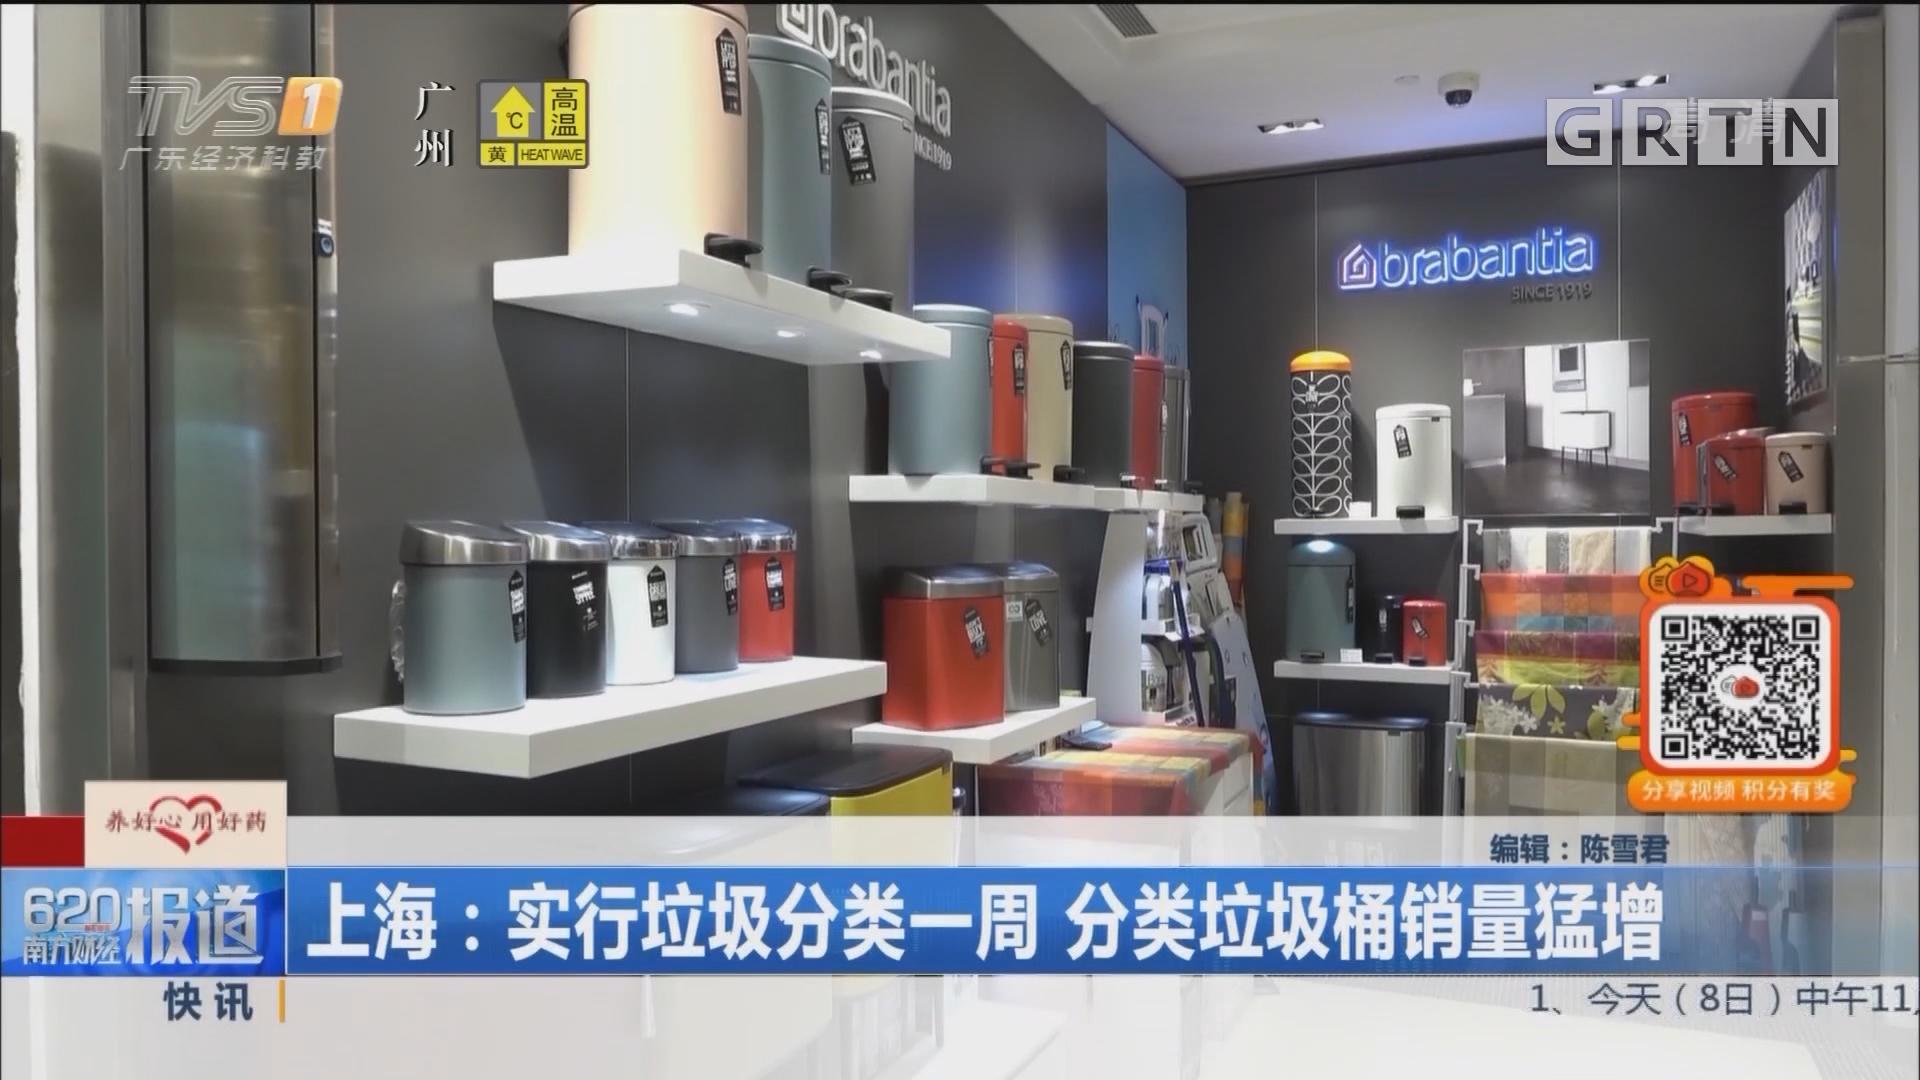 上海:實行垃圾分類一周 分類垃圾桶銷量猛增